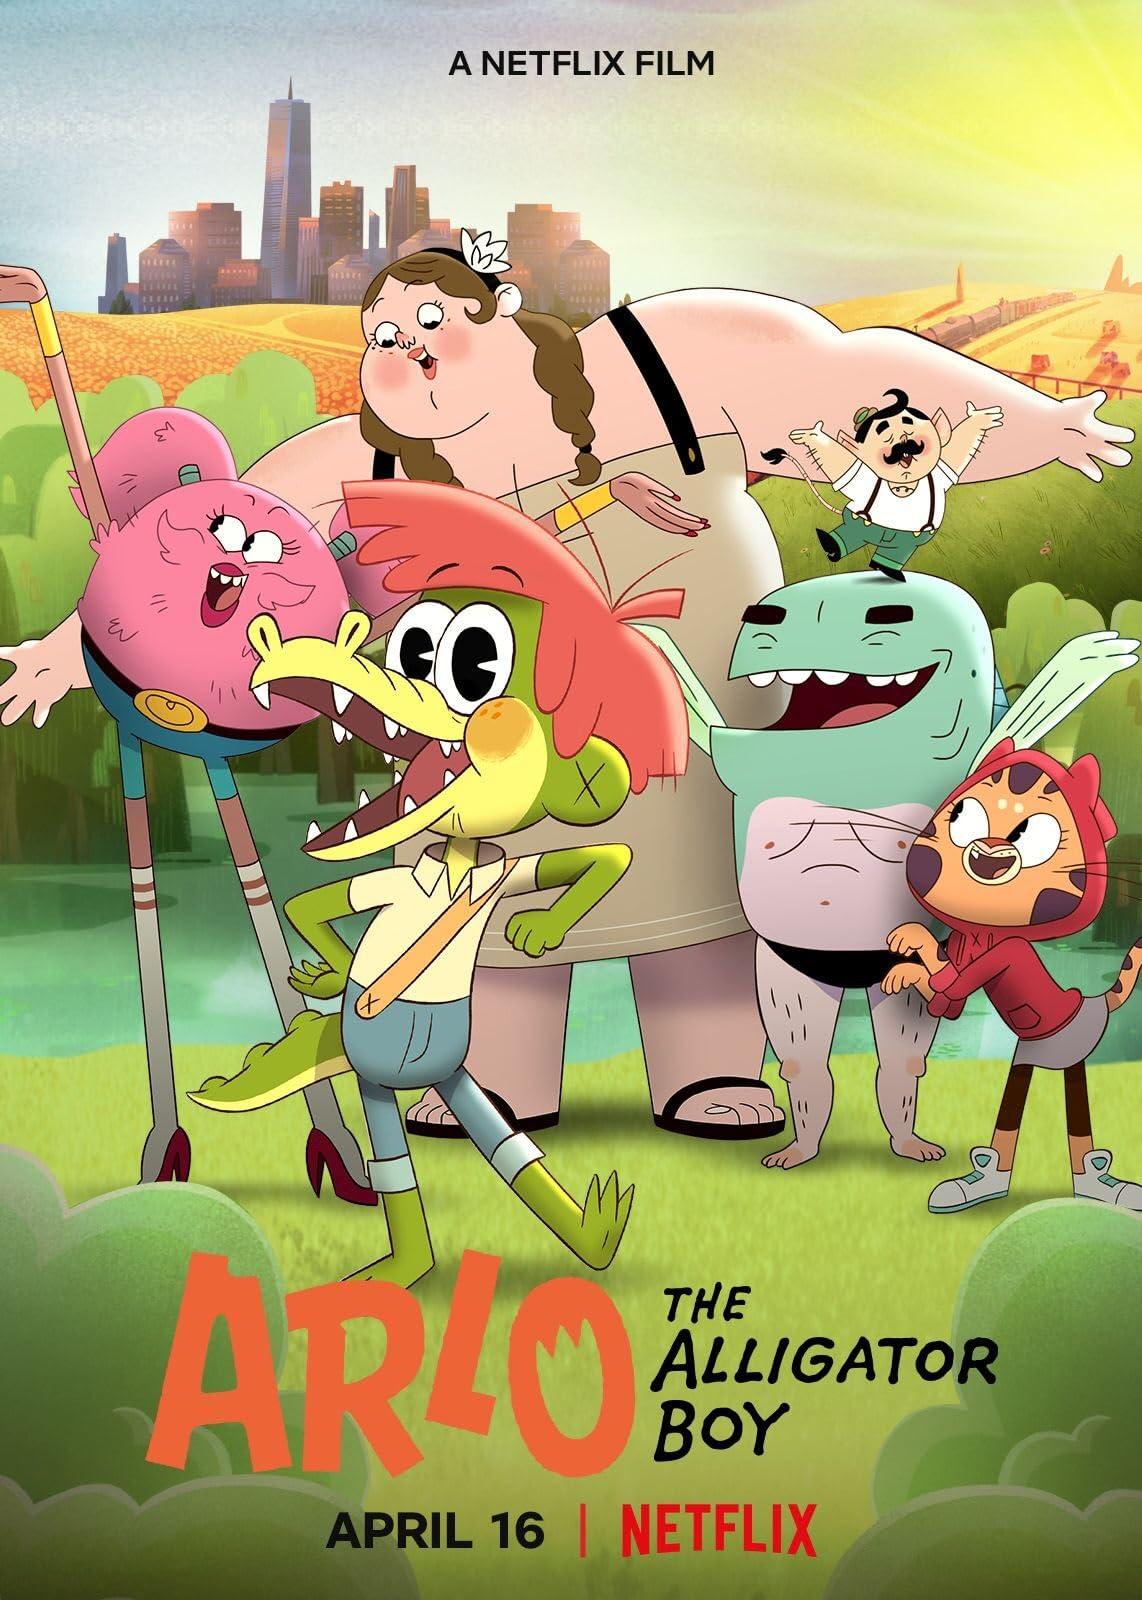 鱷魚男孩阿洛 | awwrated | 你的 Netflix 避雷好幫手!